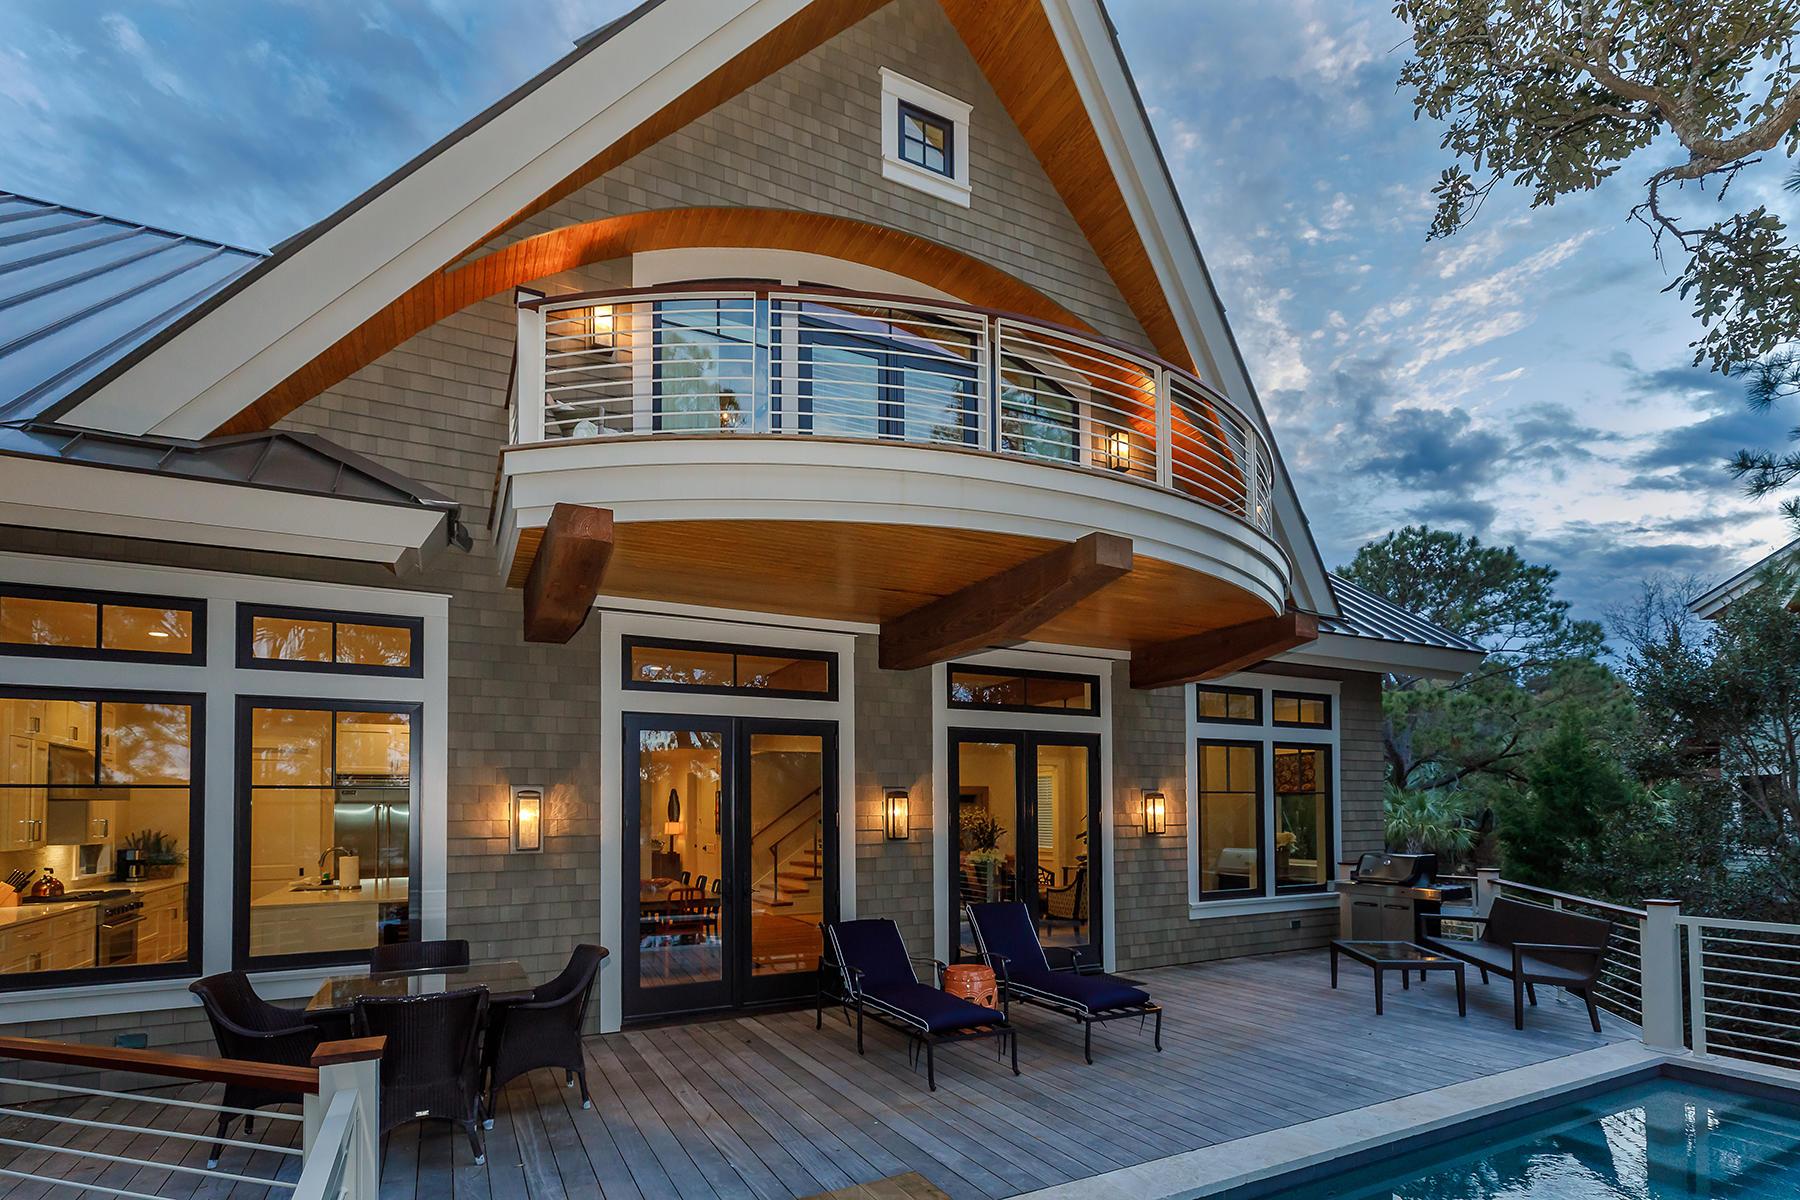 Kiawah Island Homes For Sale - 121 Halona, Kiawah Island, SC - 6